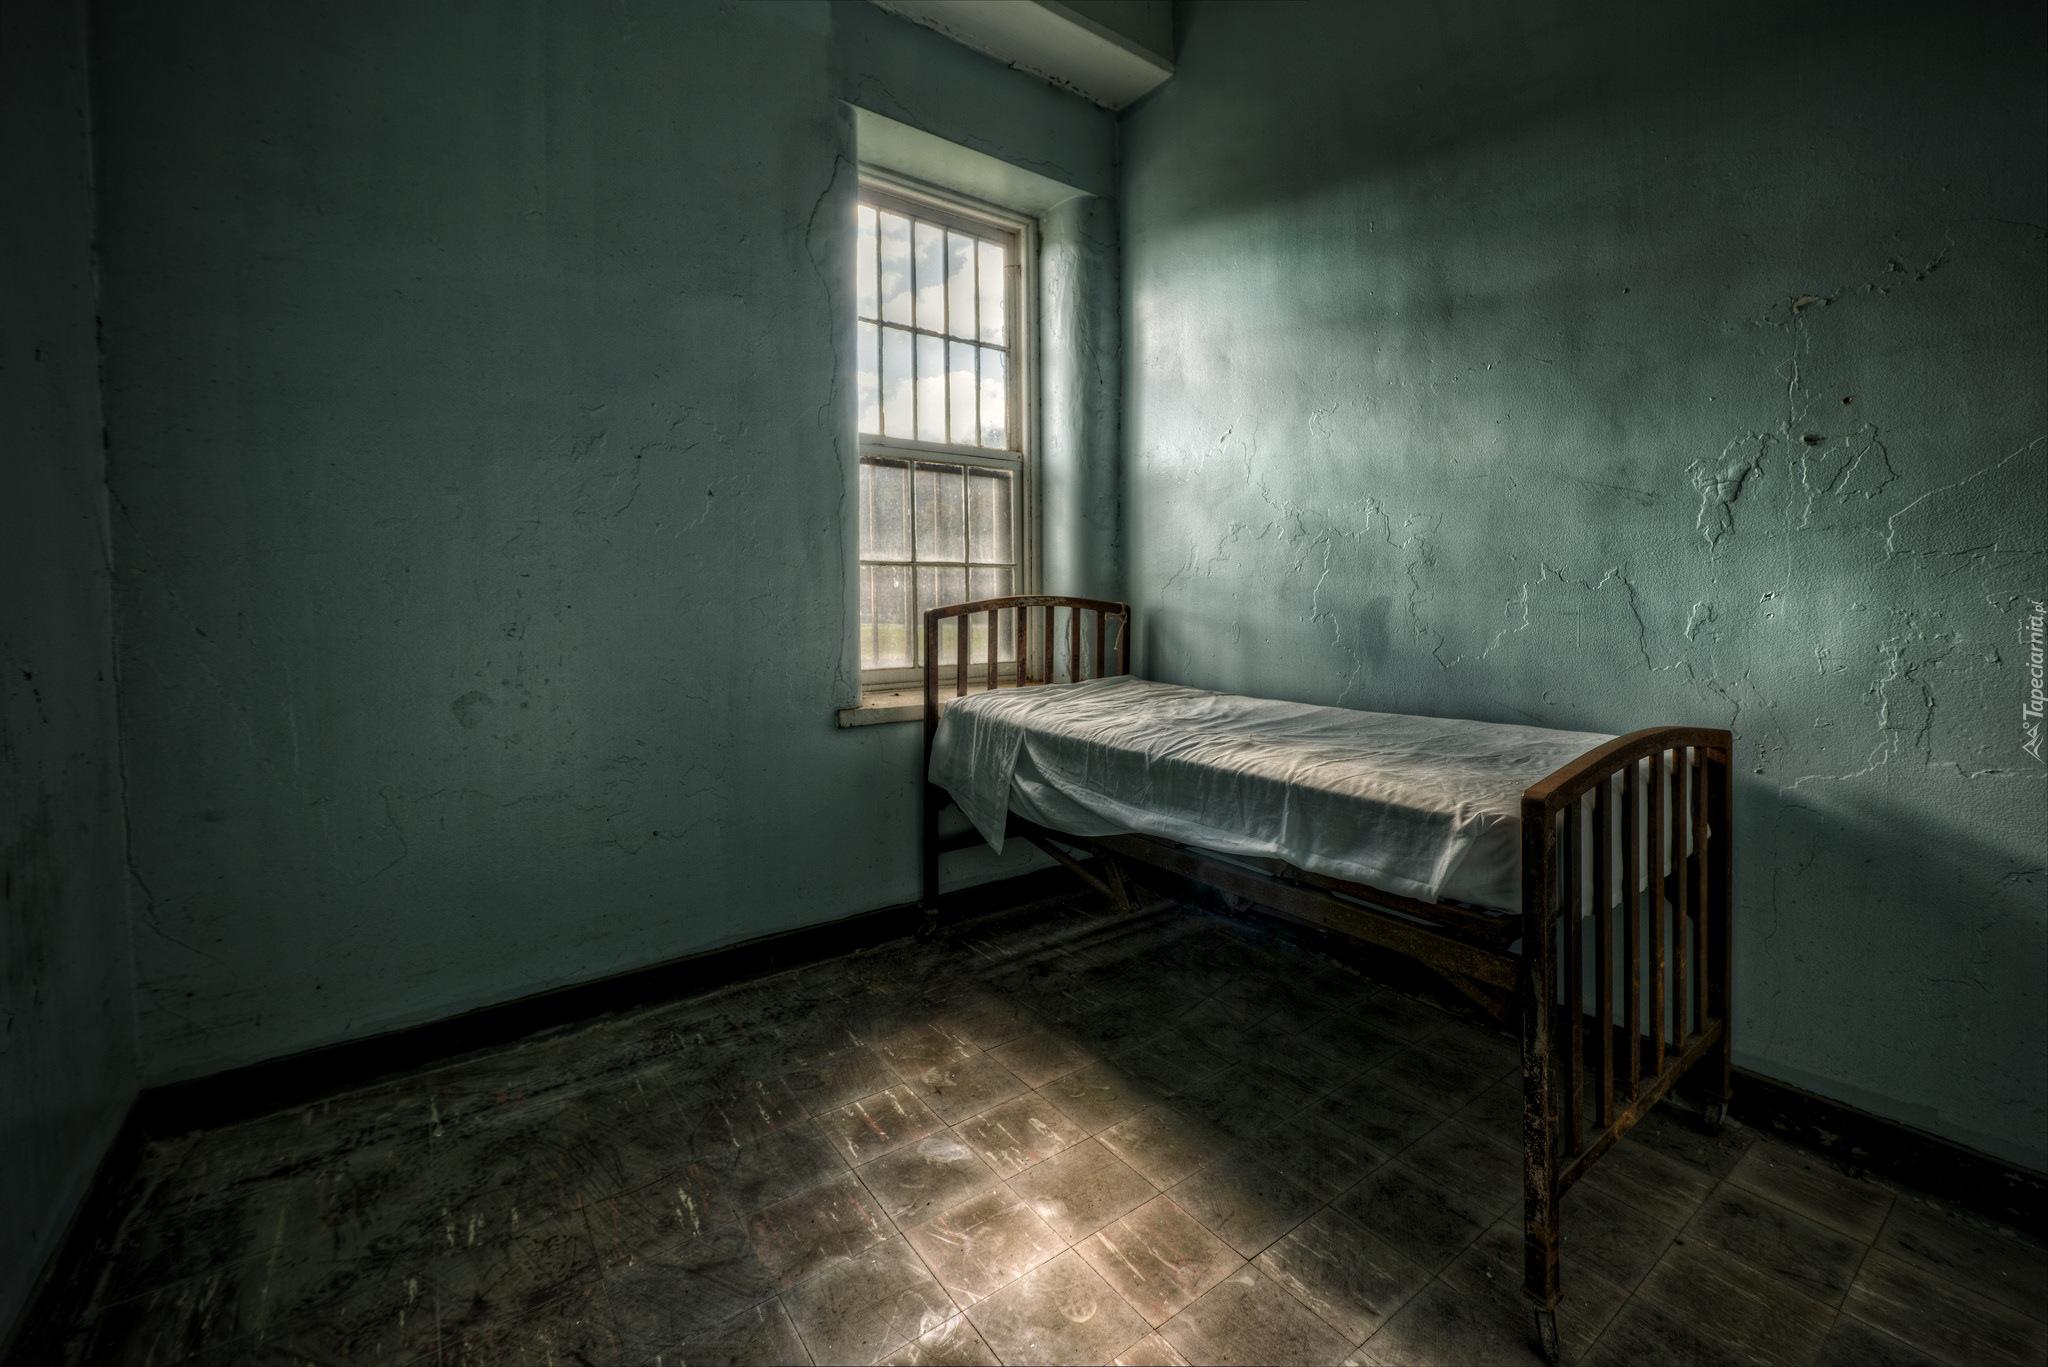 Łóżko pod oknem w zaniedbanym pokoju